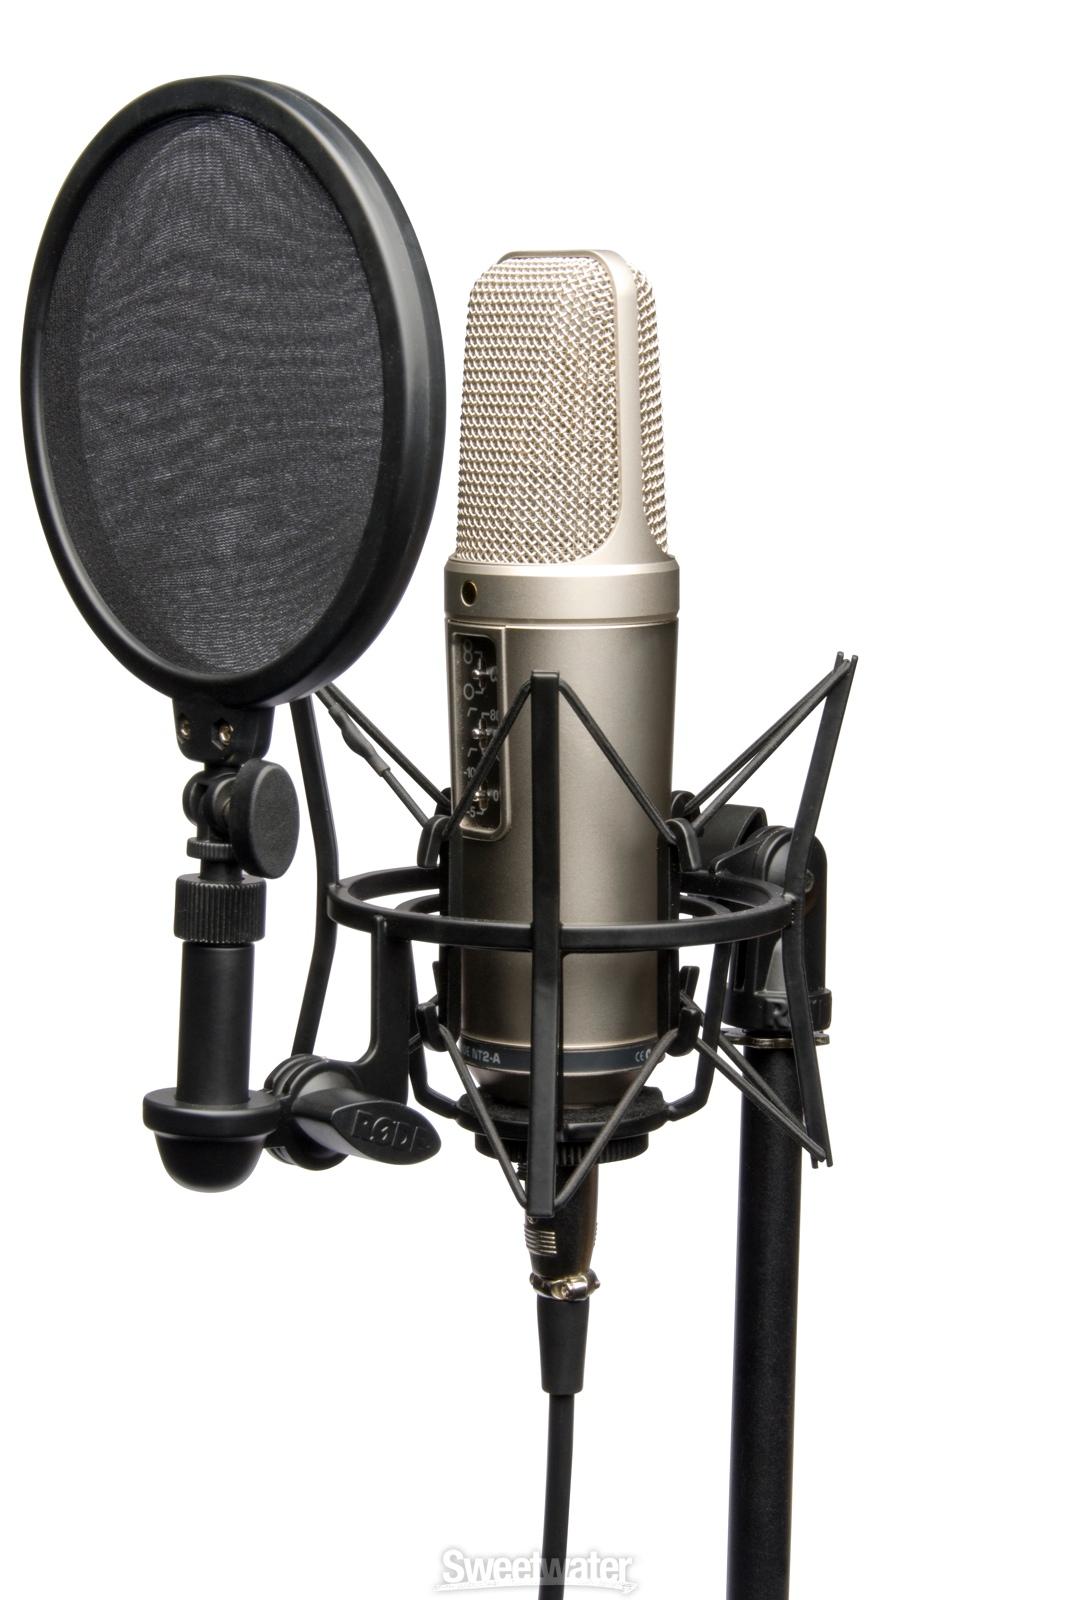 Rode NT2-A Studio MicrophoneStudio Microphone Png